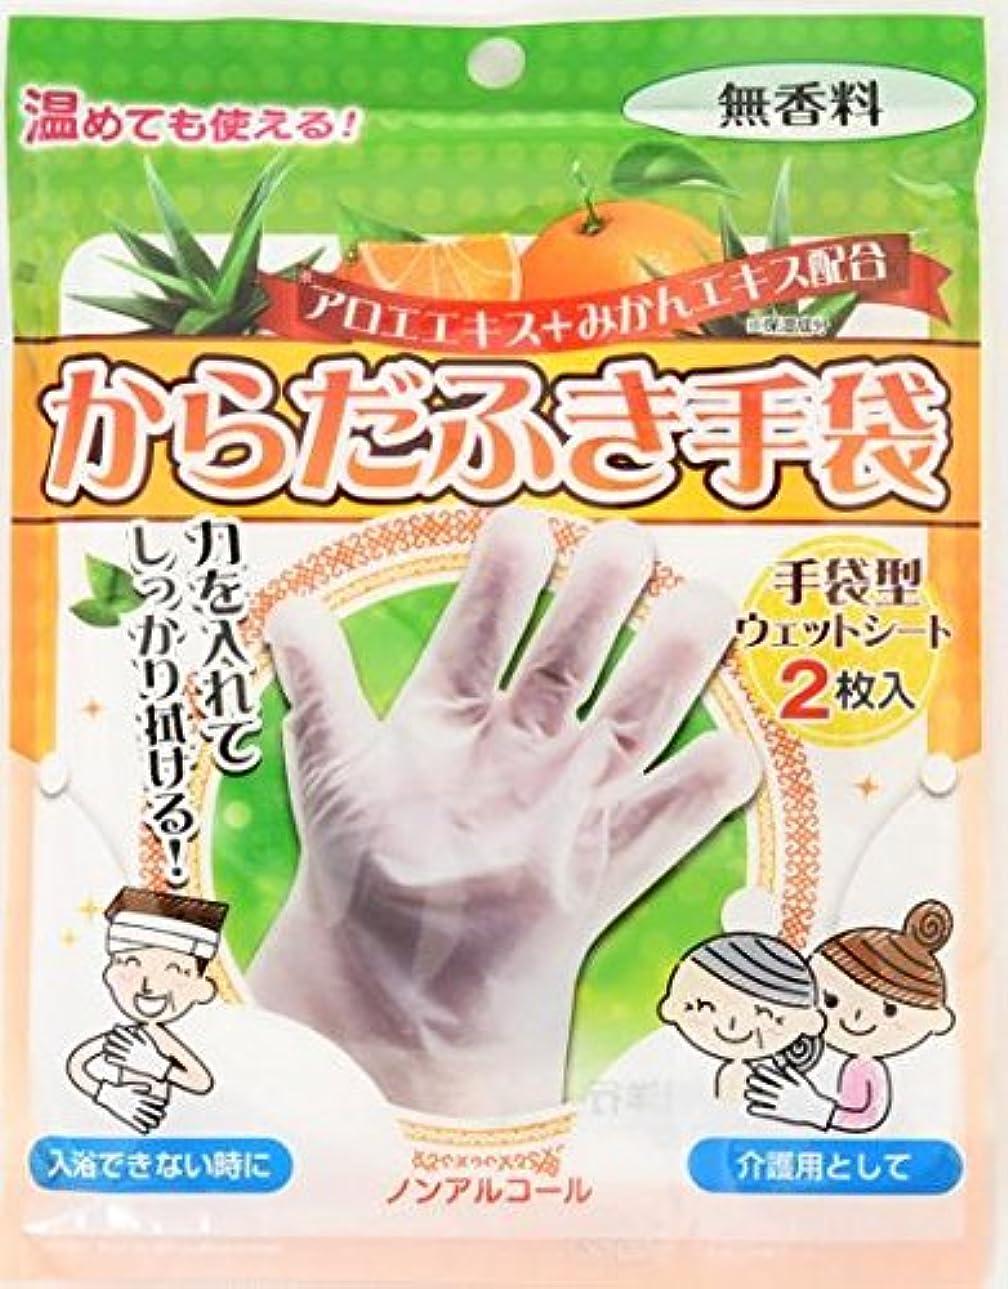 マイルストーン錫クローンからだふき手袋 2枚入×80袋セット (合計160枚)